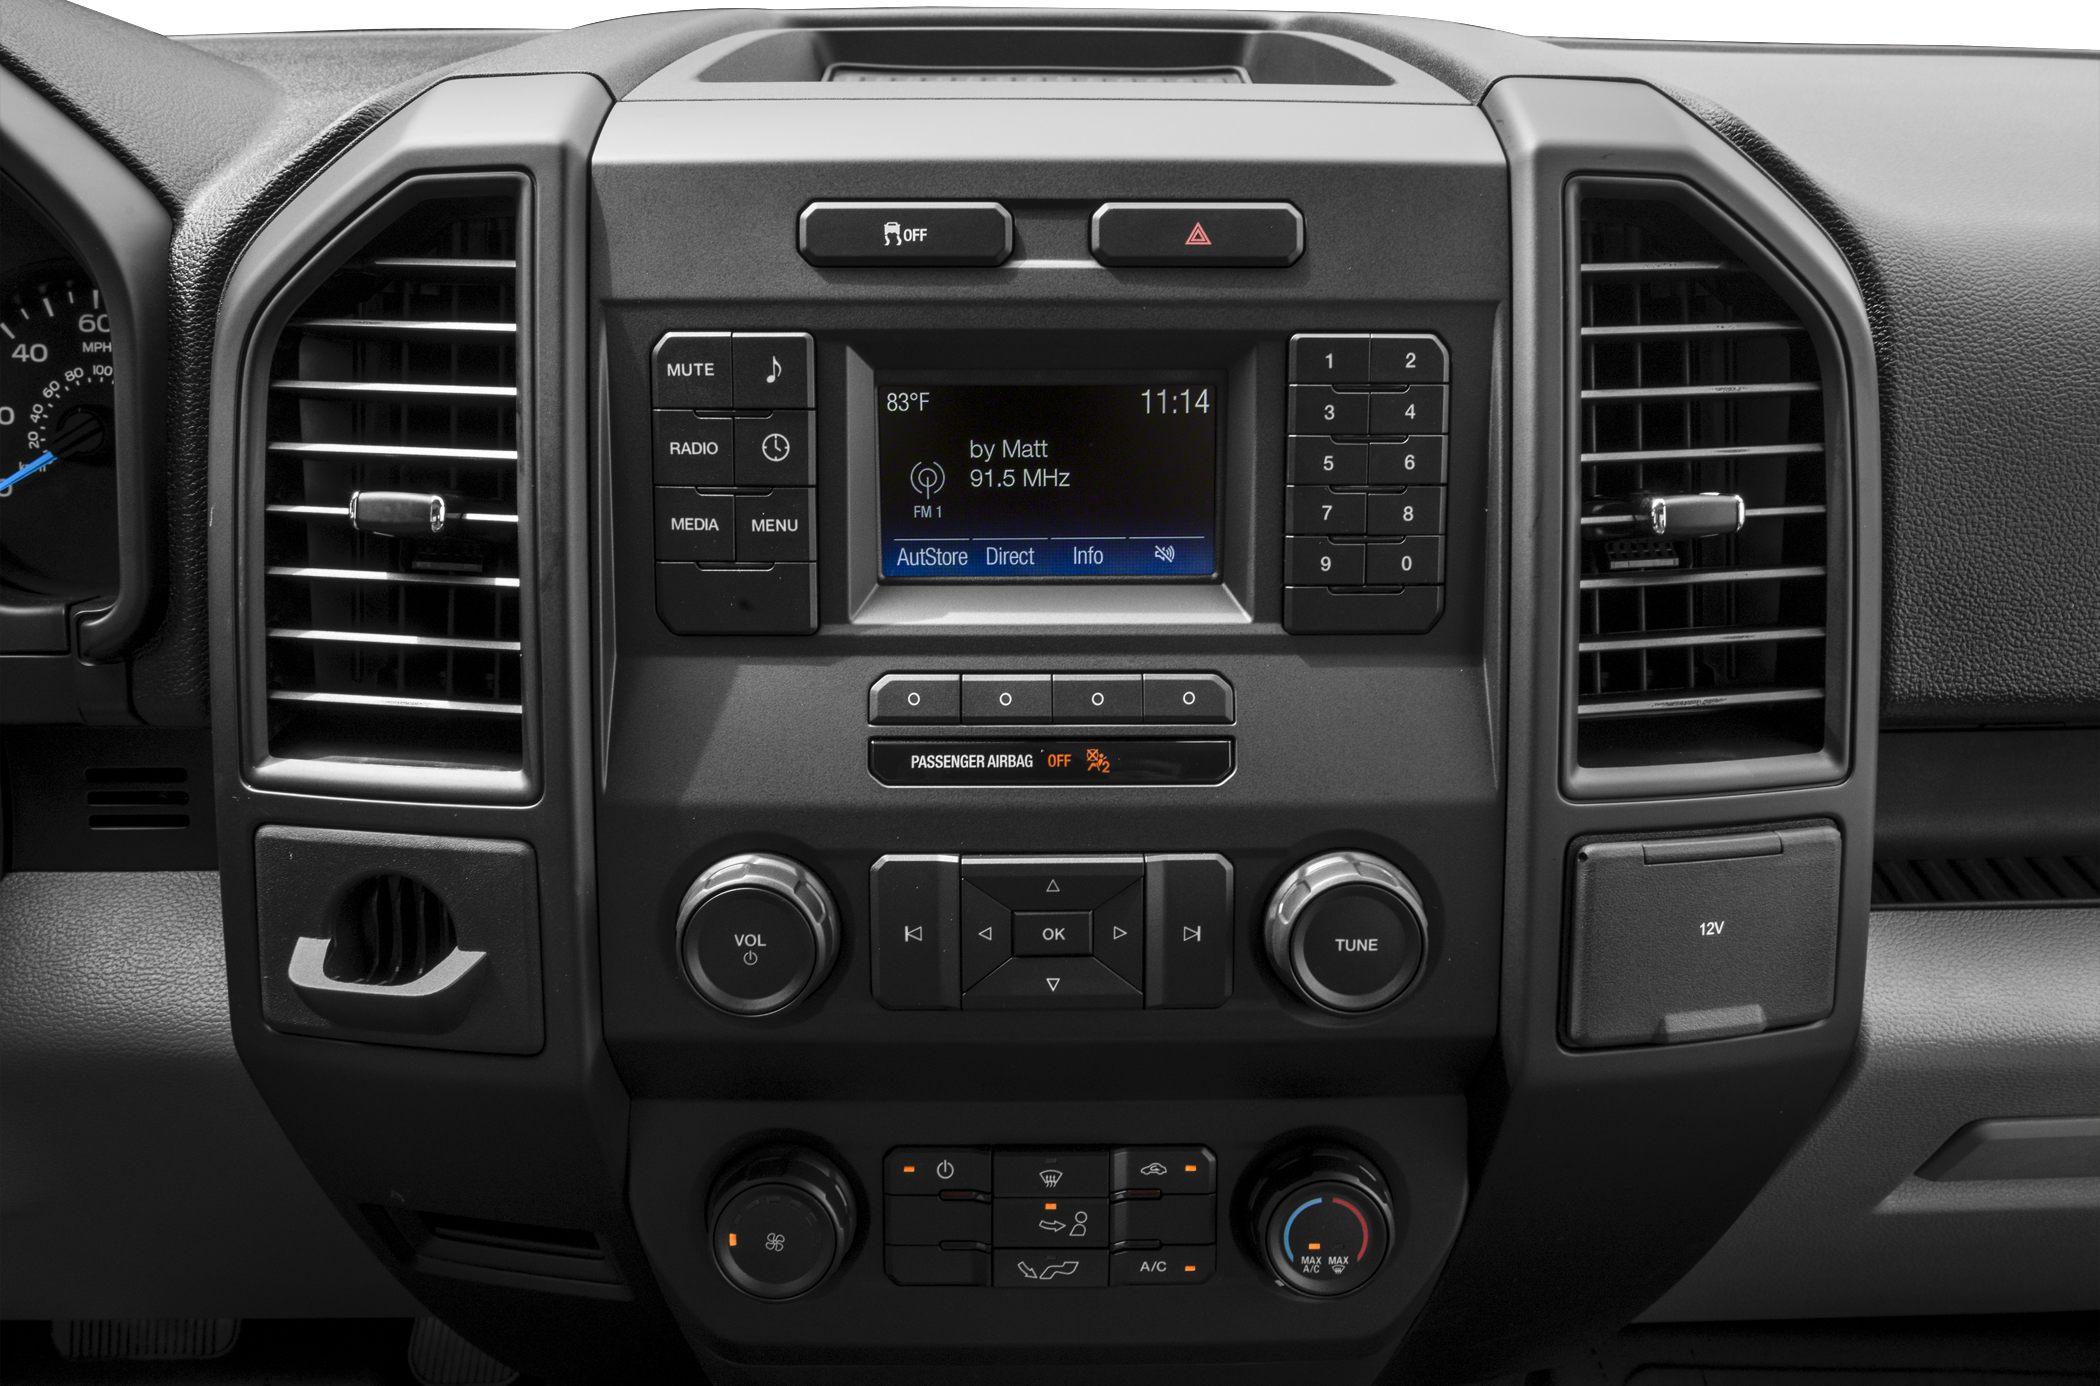 Ford F-150 Radio